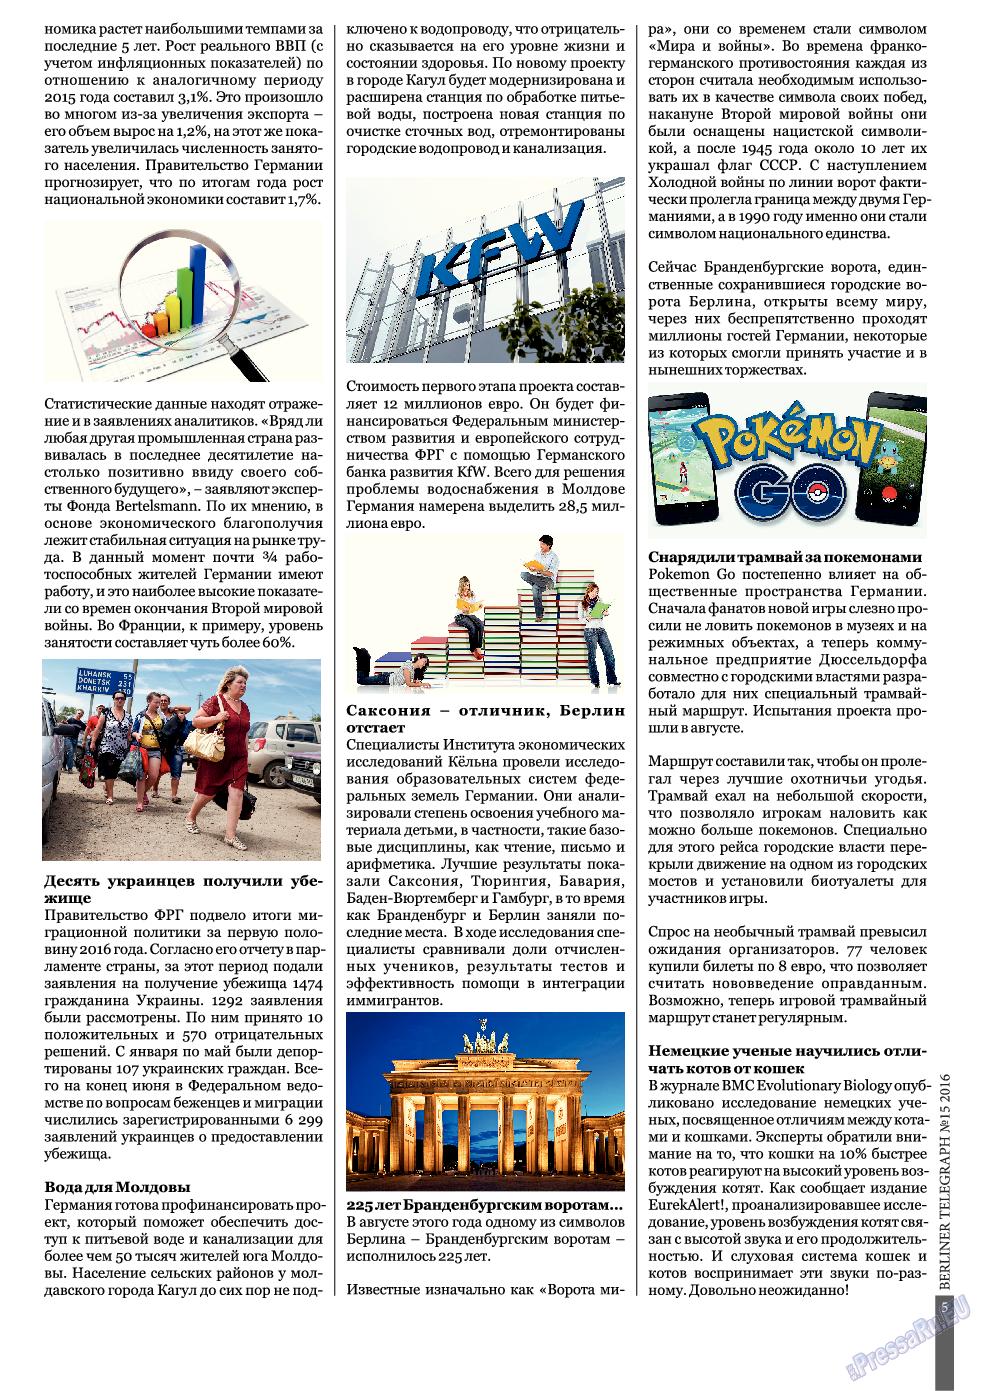 Берлинский телеграф (журнал). 2016 год, номер 15, стр. 5